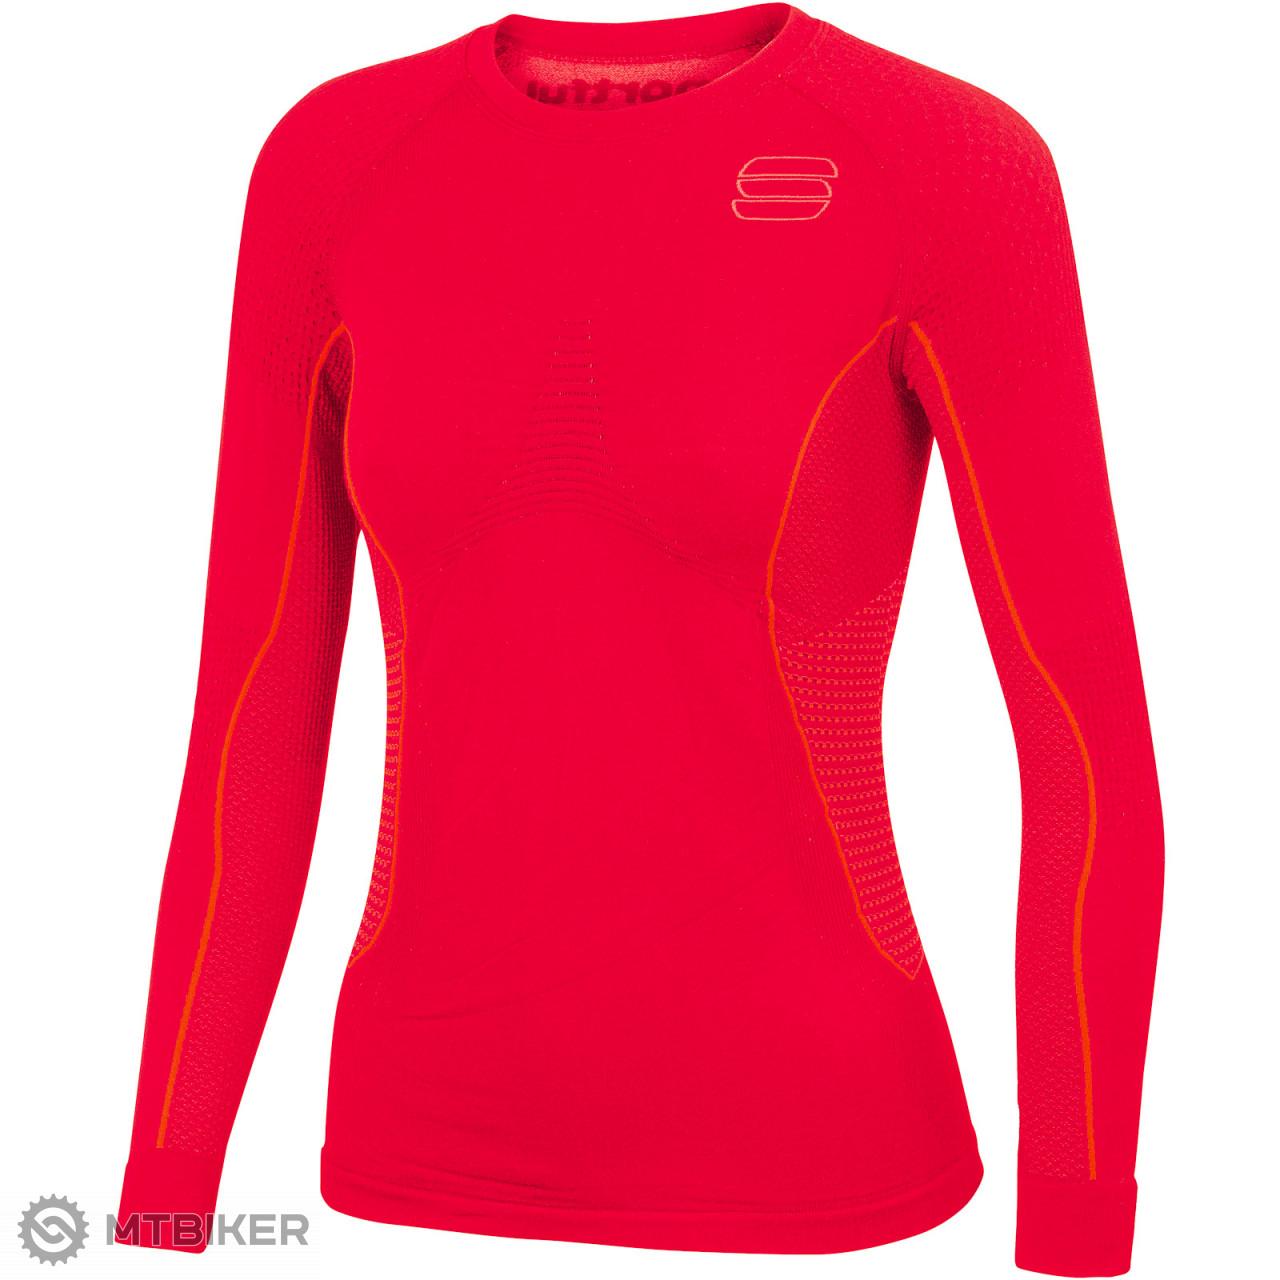 5d312495f847 Sportful 2nd Skin Tričko dlhý rukáv dámske červené - MTBIKER Shop